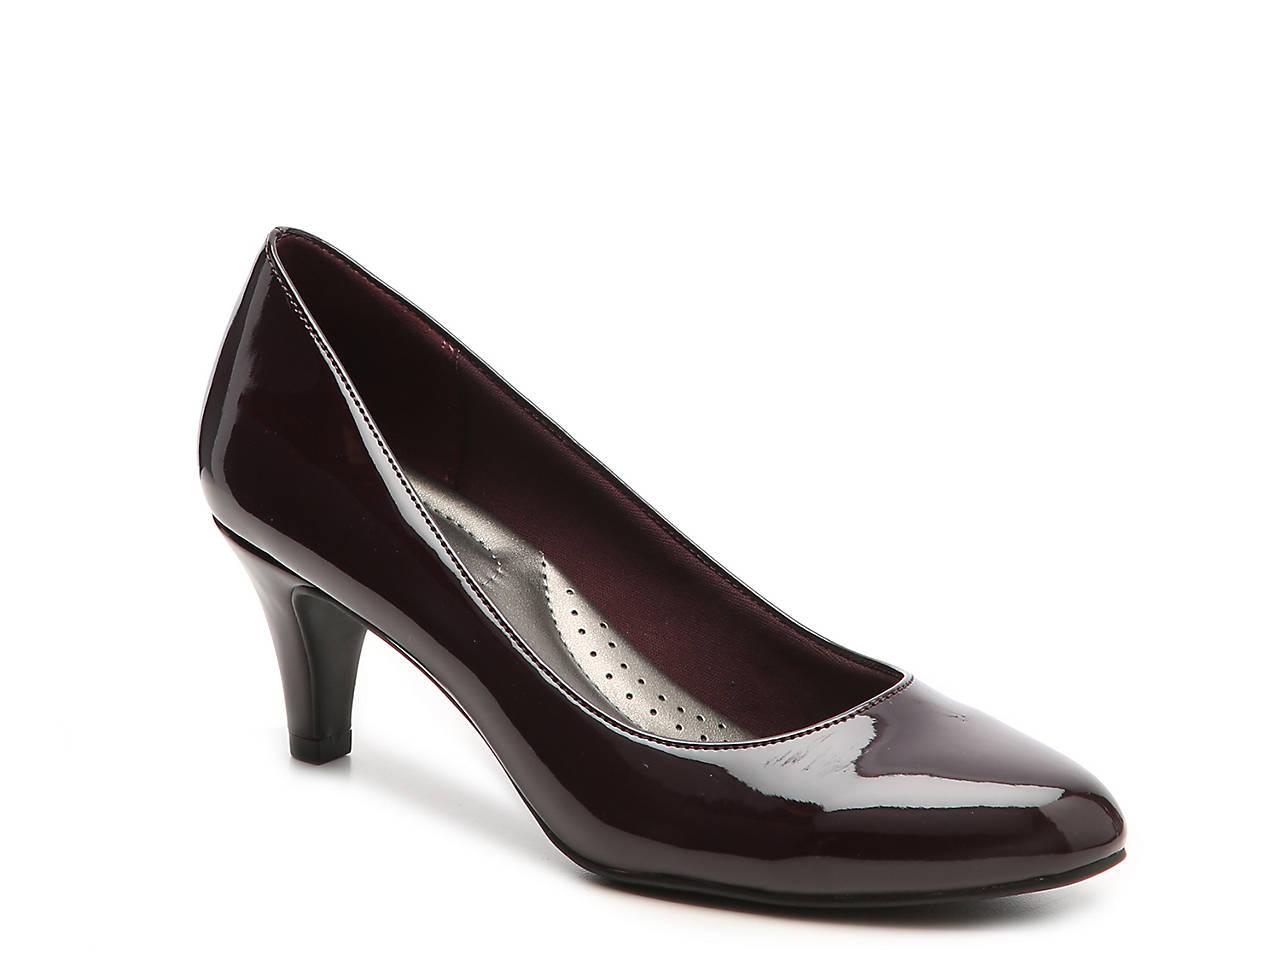 2faefa8ddc7 Abella Sahara Pump Women s Shoes